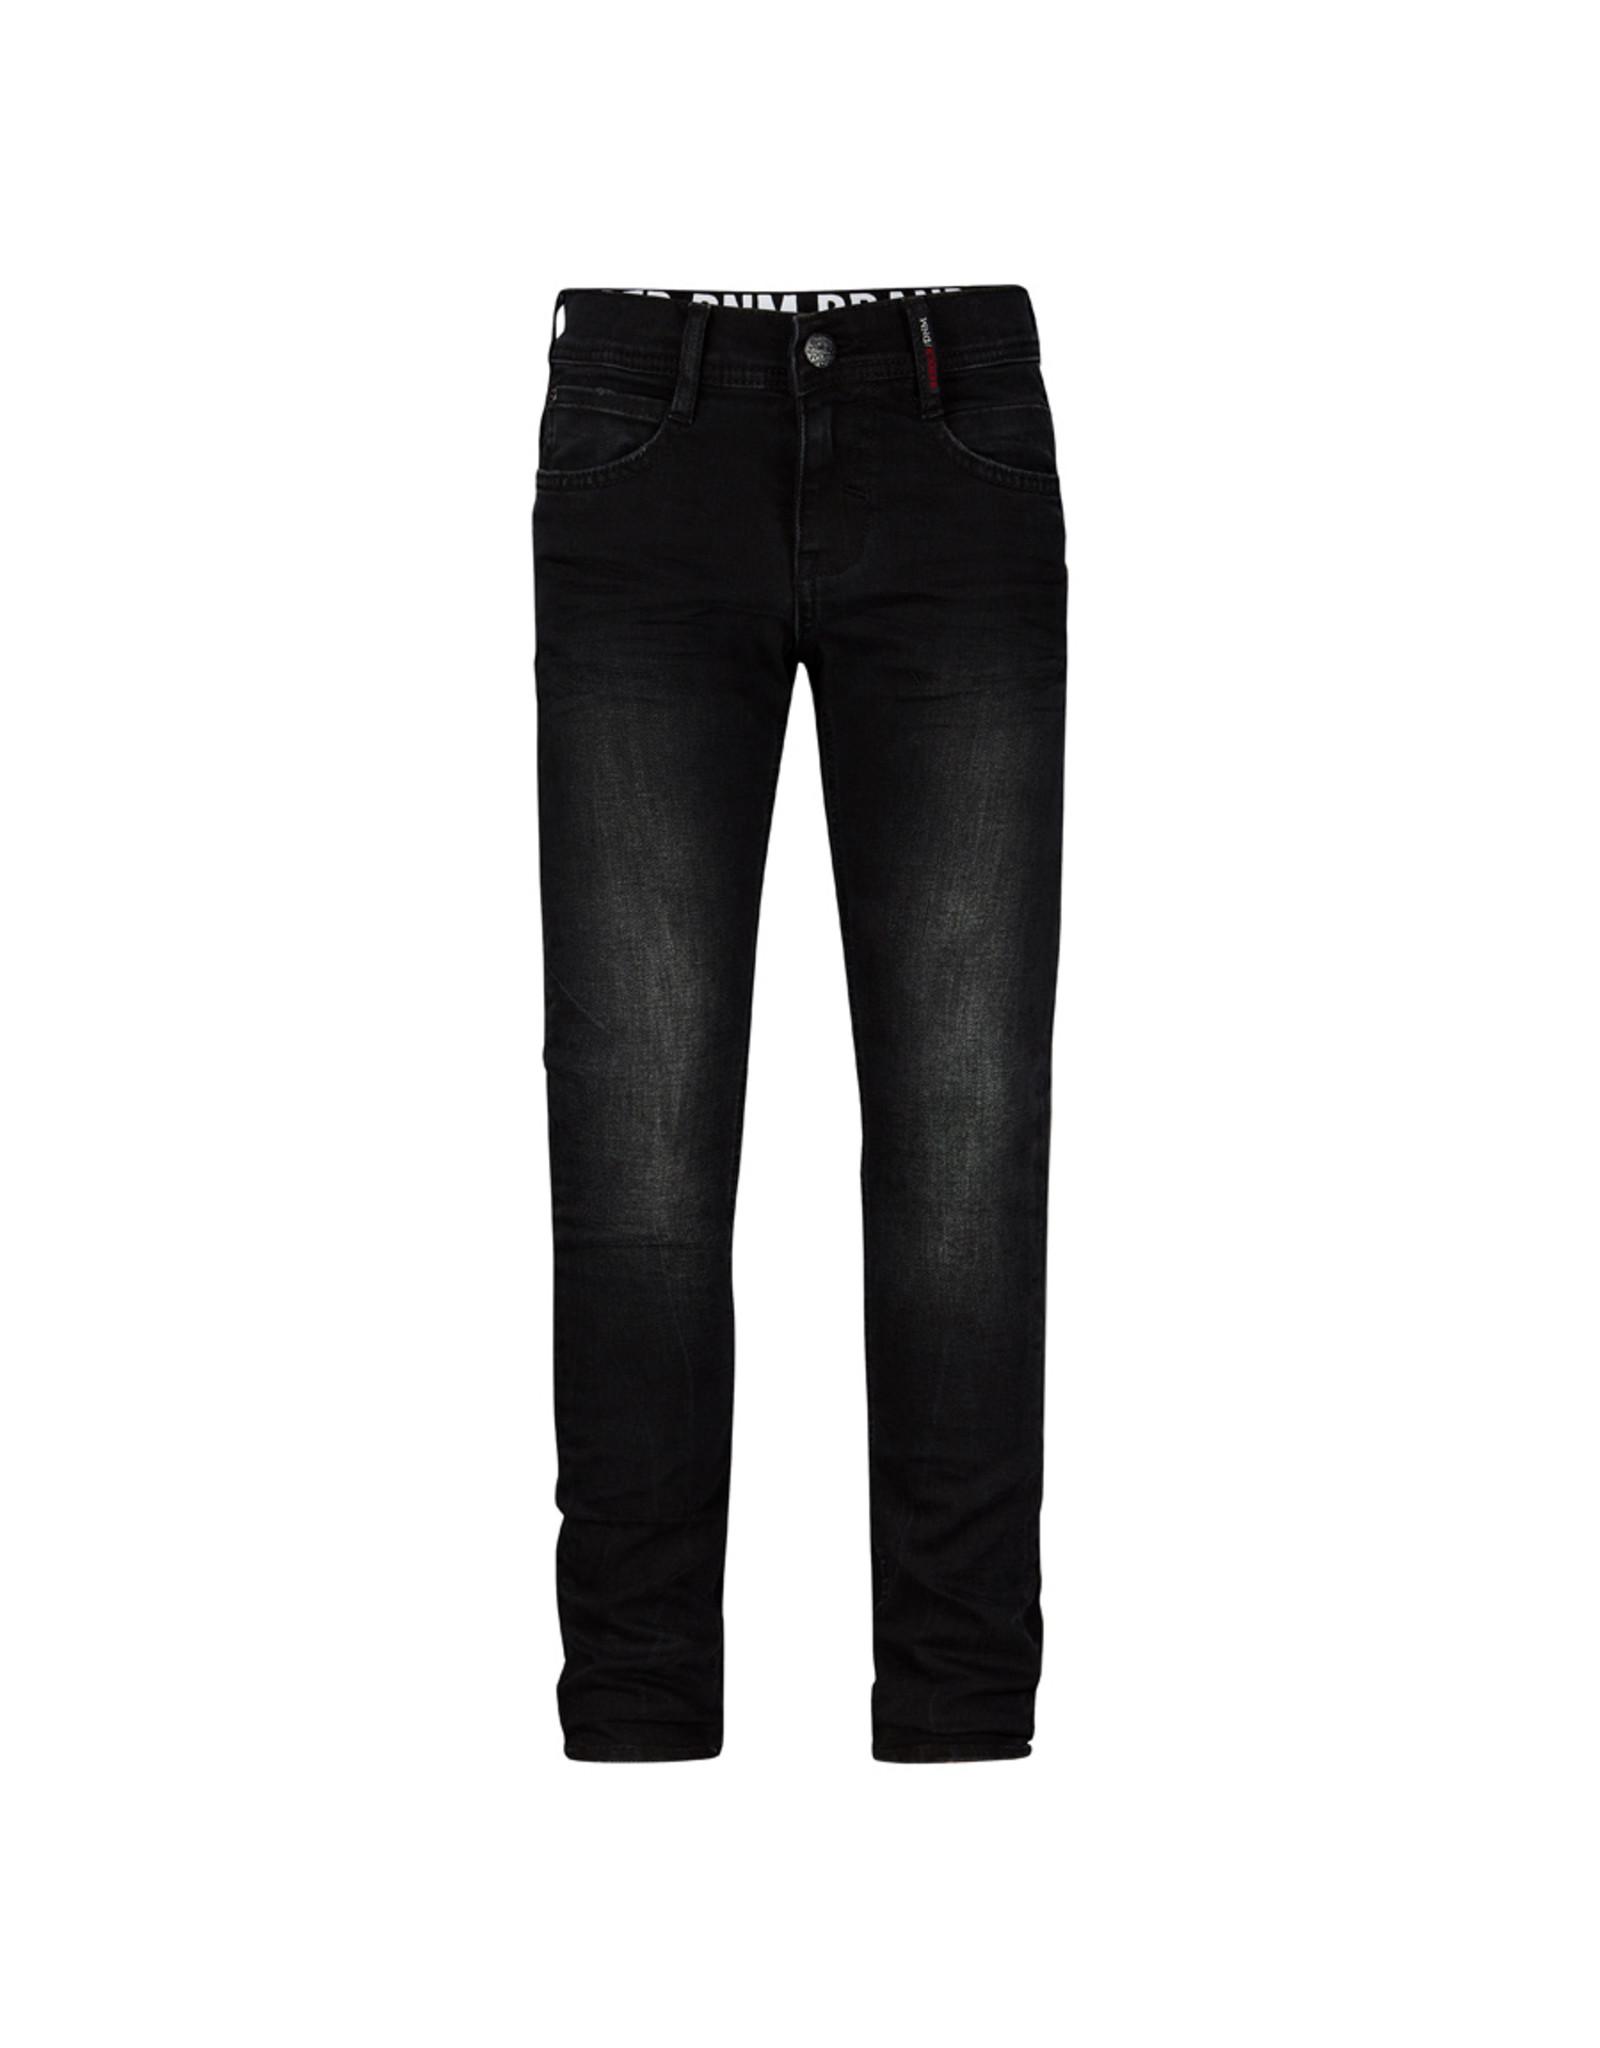 Retour Jeans Pant Tobias Black Denim